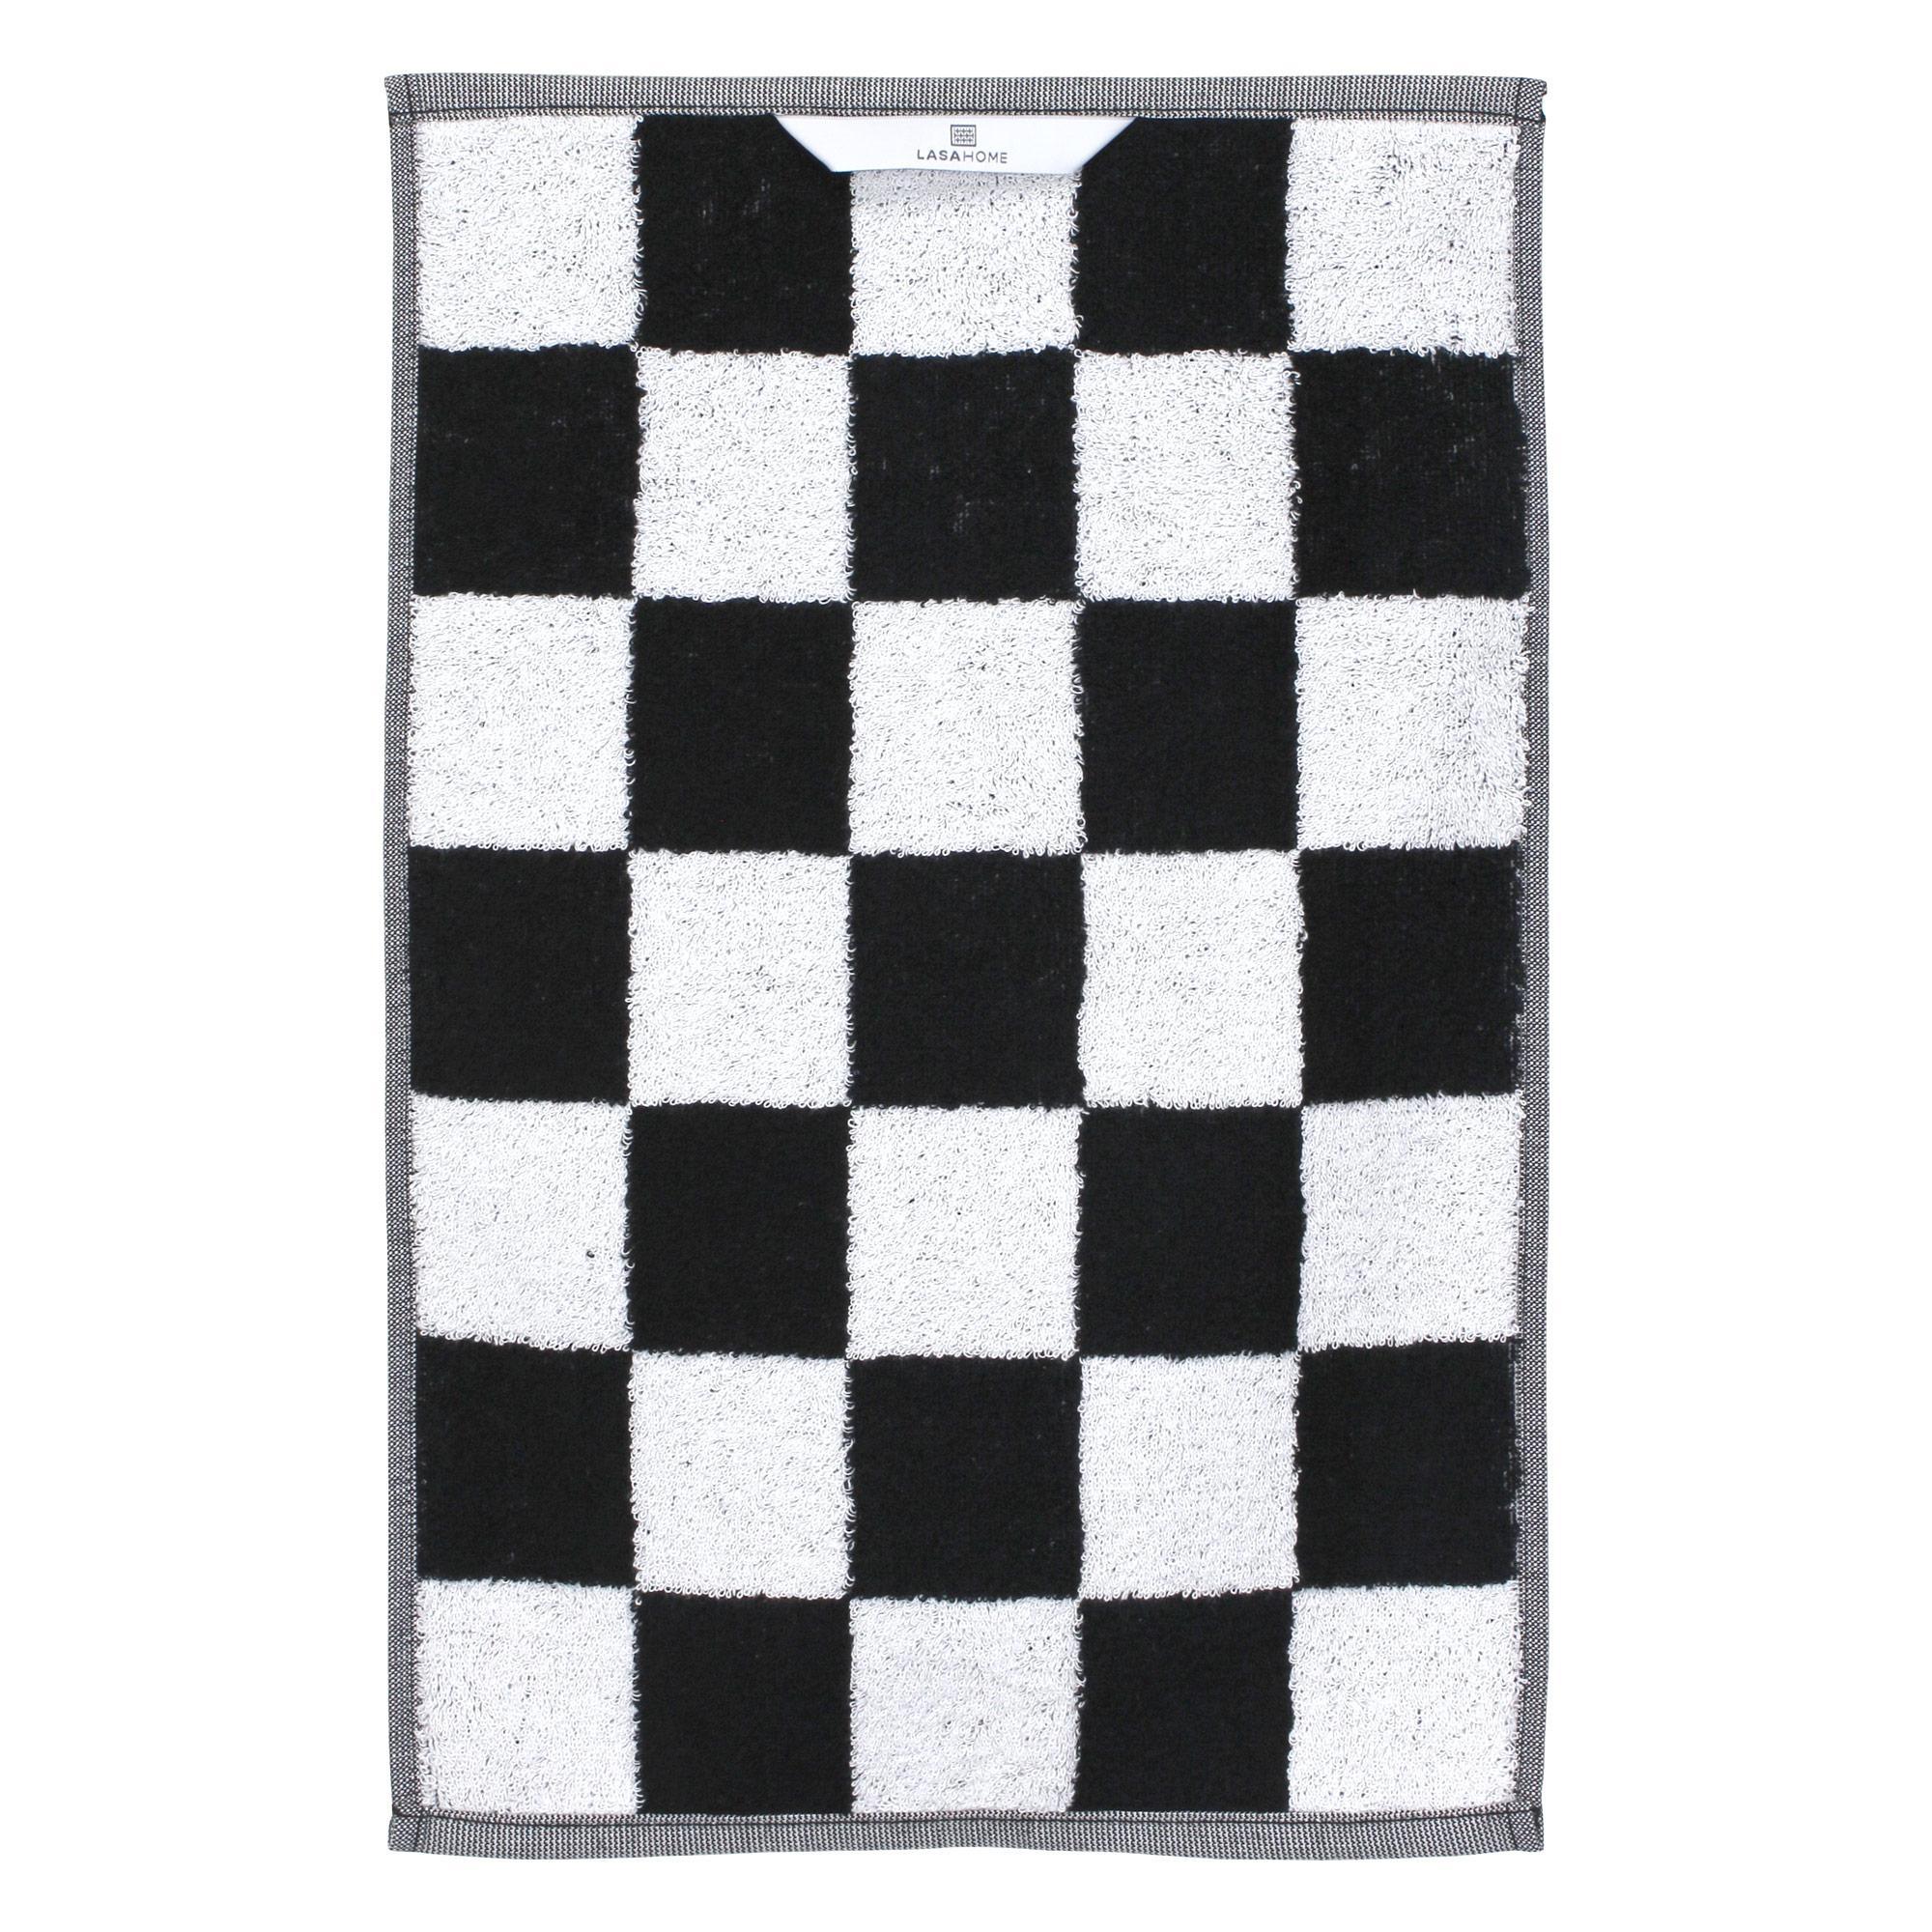 Serviette-invite-33x50-MONA-carreaux-blanc-amp-noir-100-coton-480g-m2